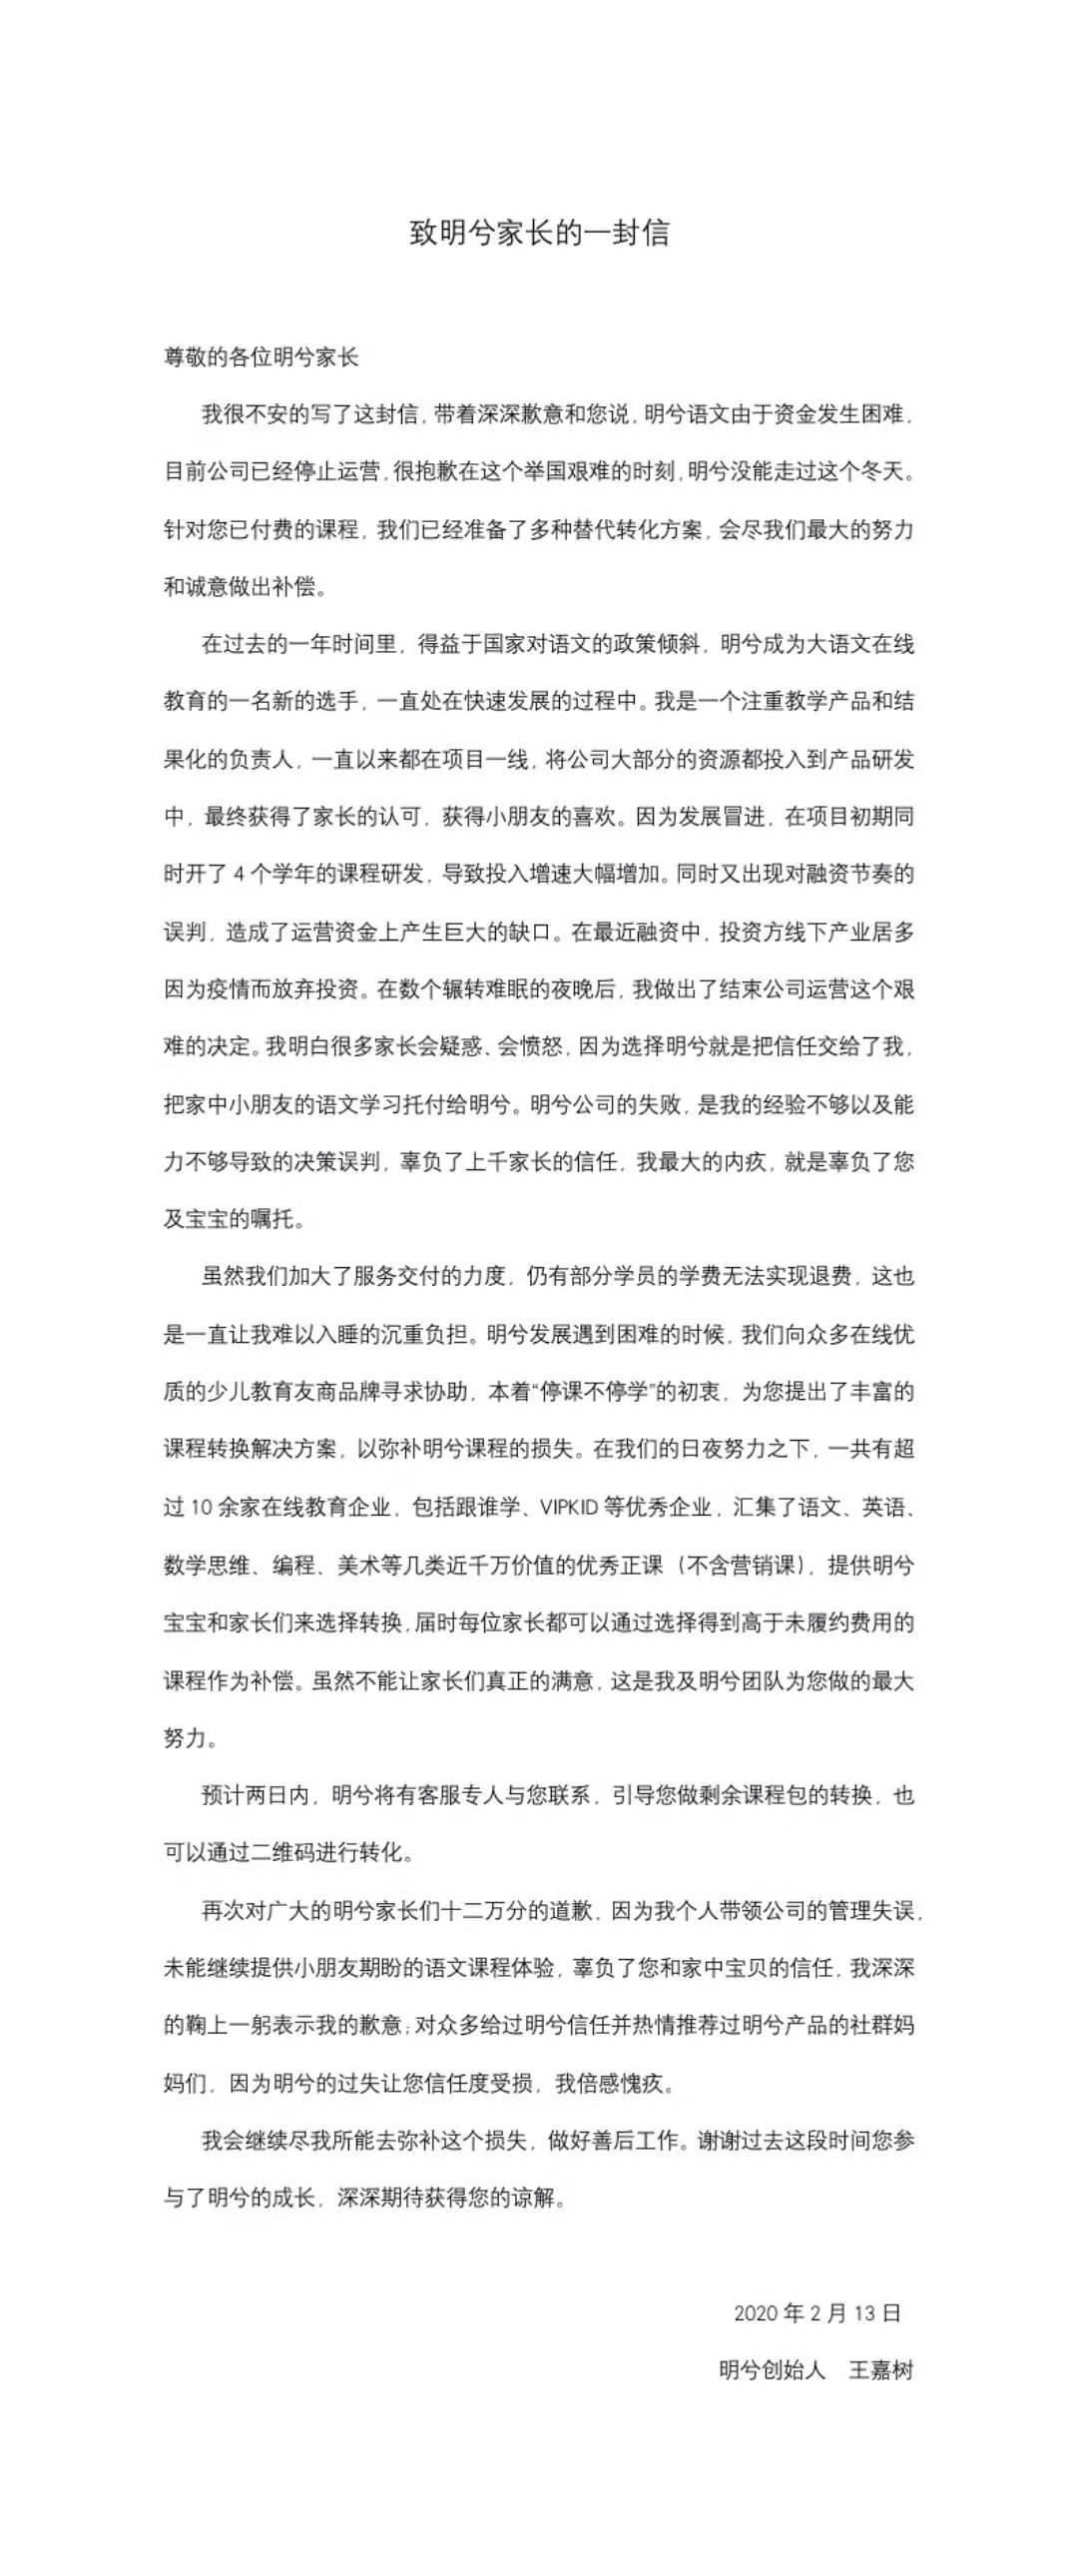 不止线下教培在过冬,在线教育「明兮大语文」宣布停止运营